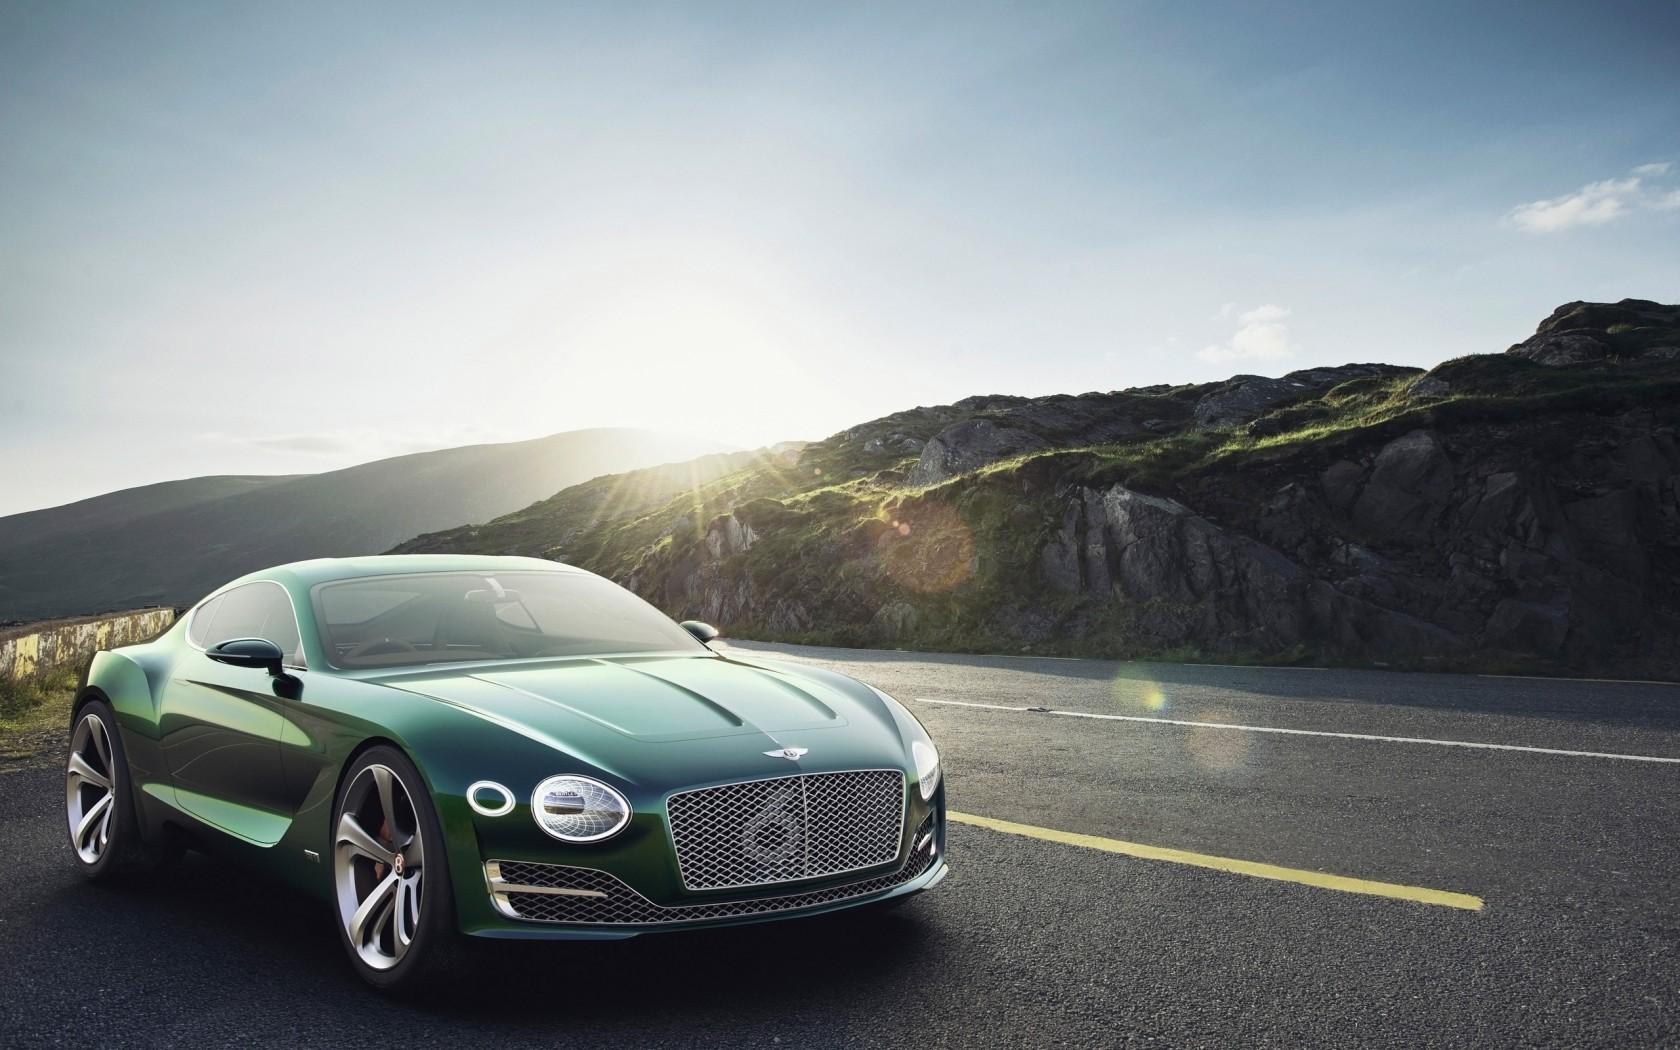 2015 Bentley Exp 10 Speed 6 Concept Wallpaper